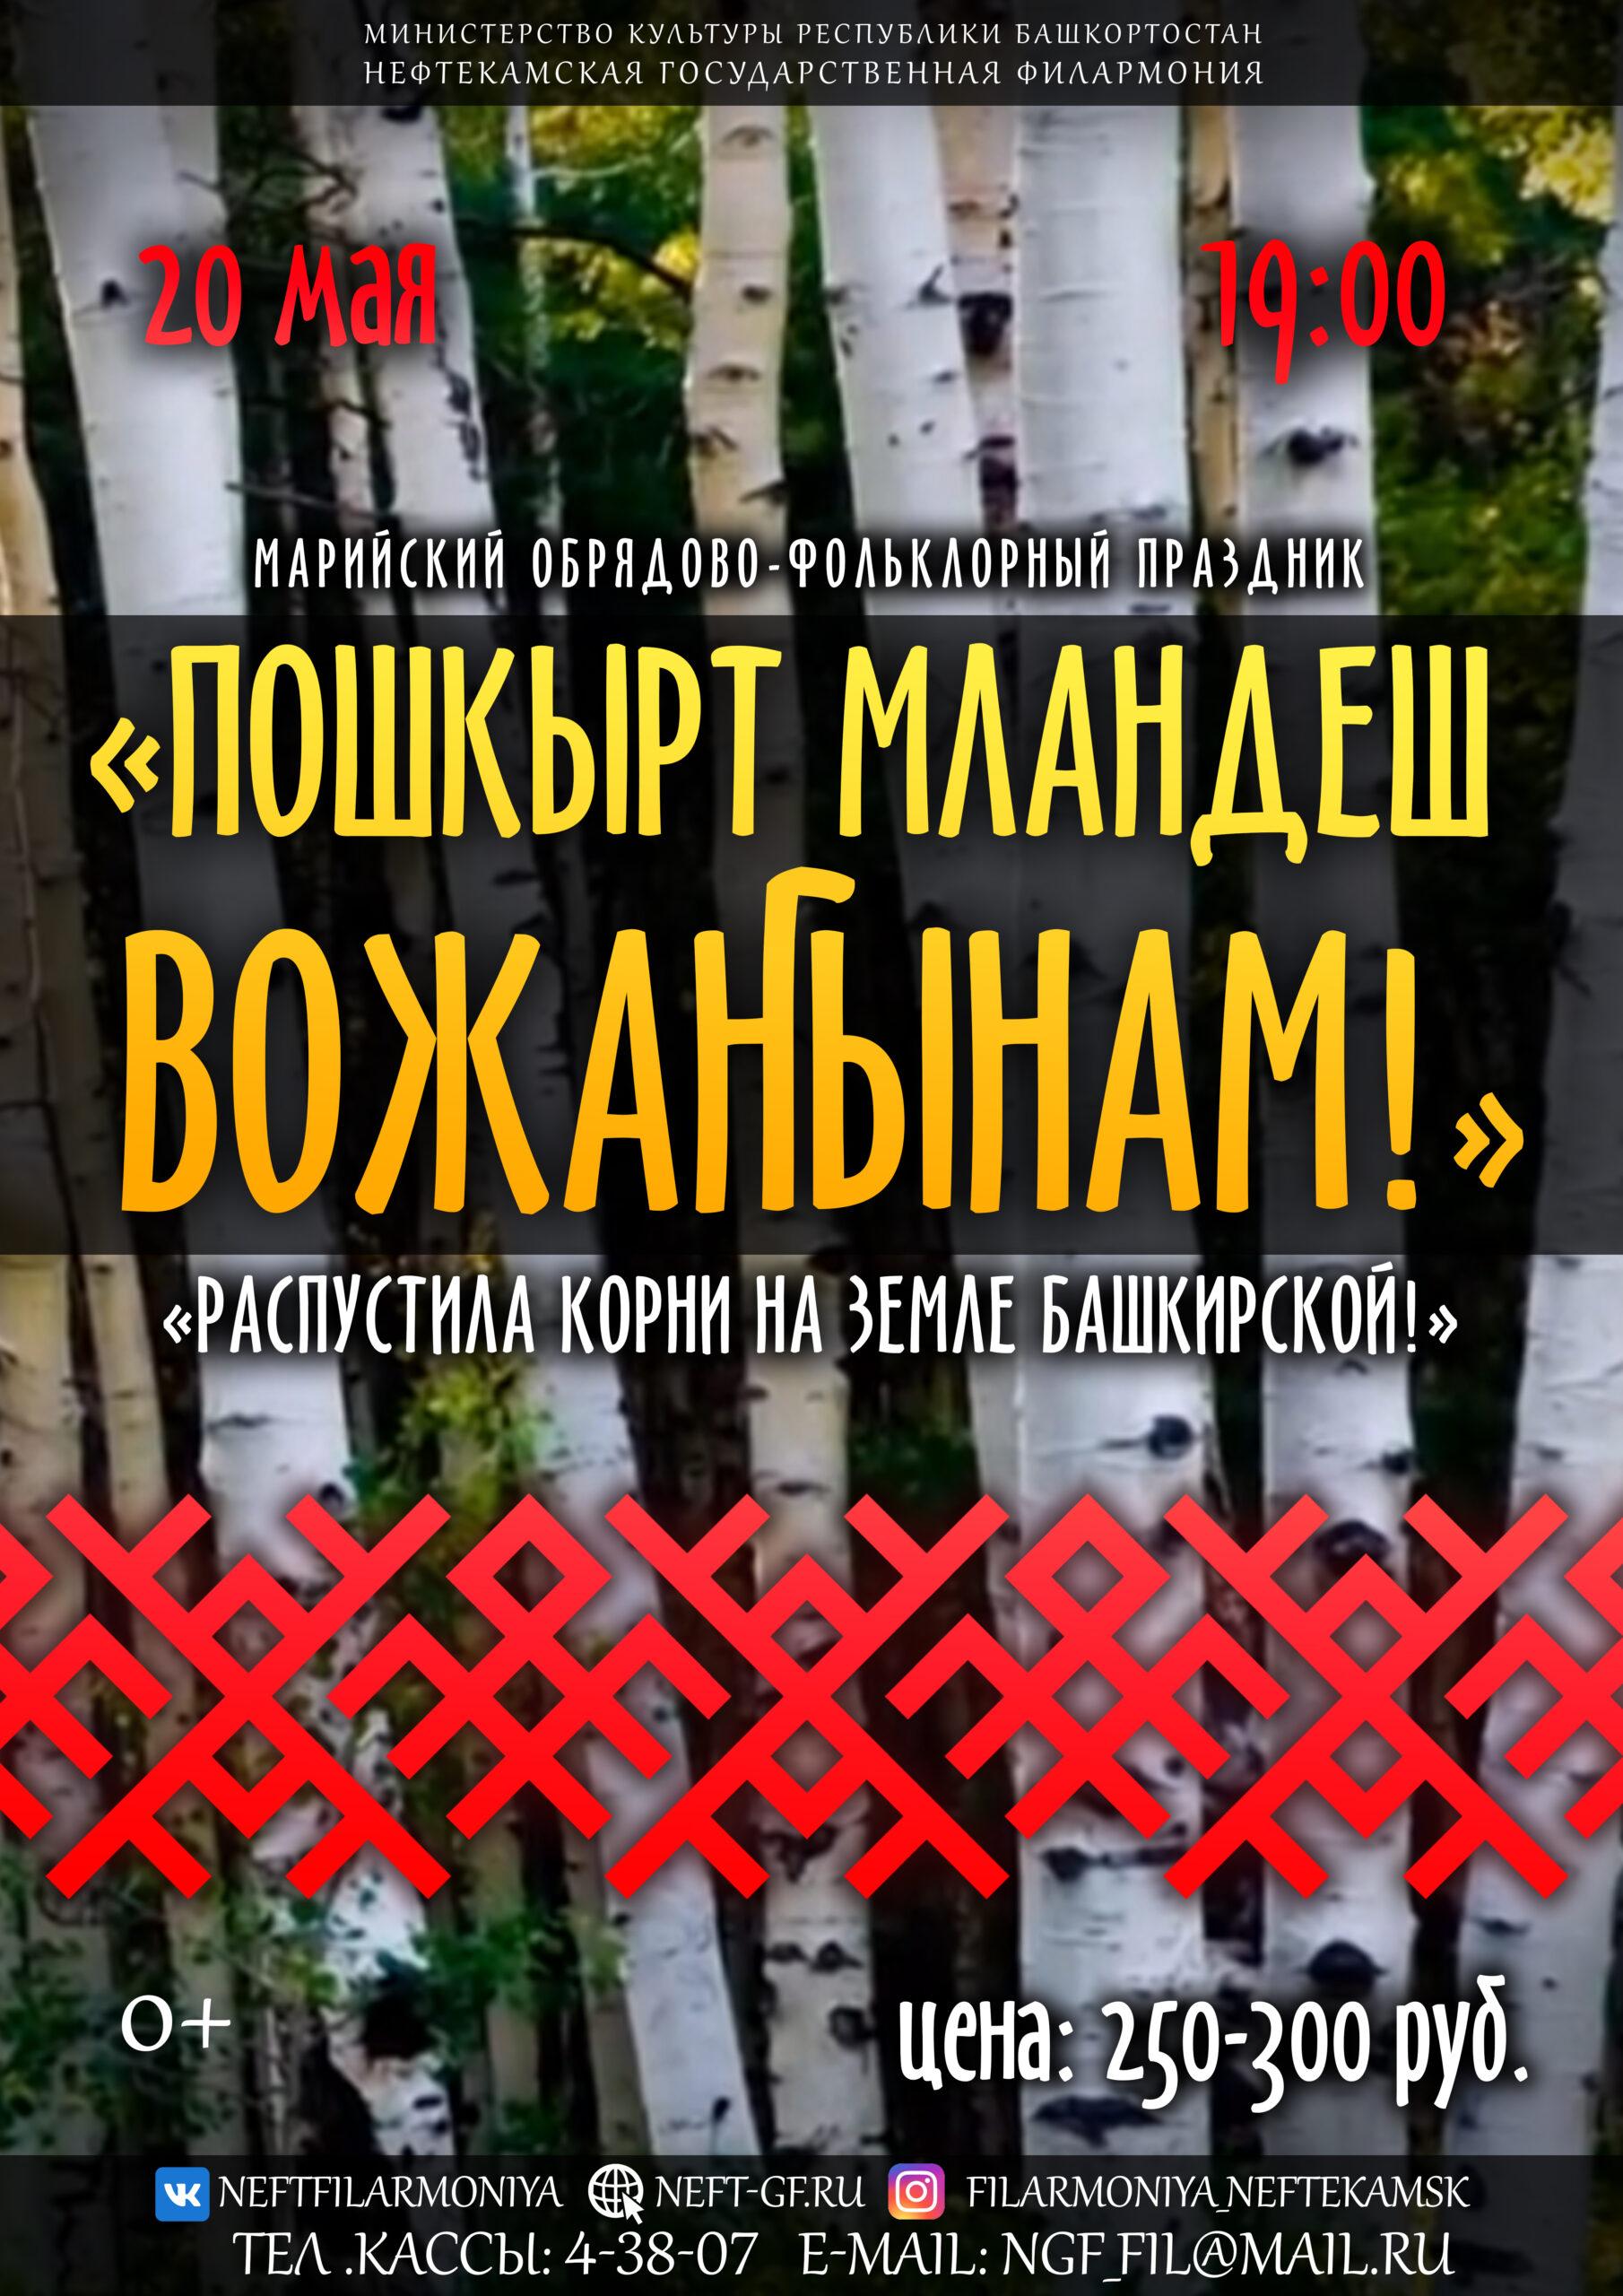 20 мая 2021 года состоится концерт «Пошкырт мландеш вожанынам!» («Распустила корни на земле башкирской!»)